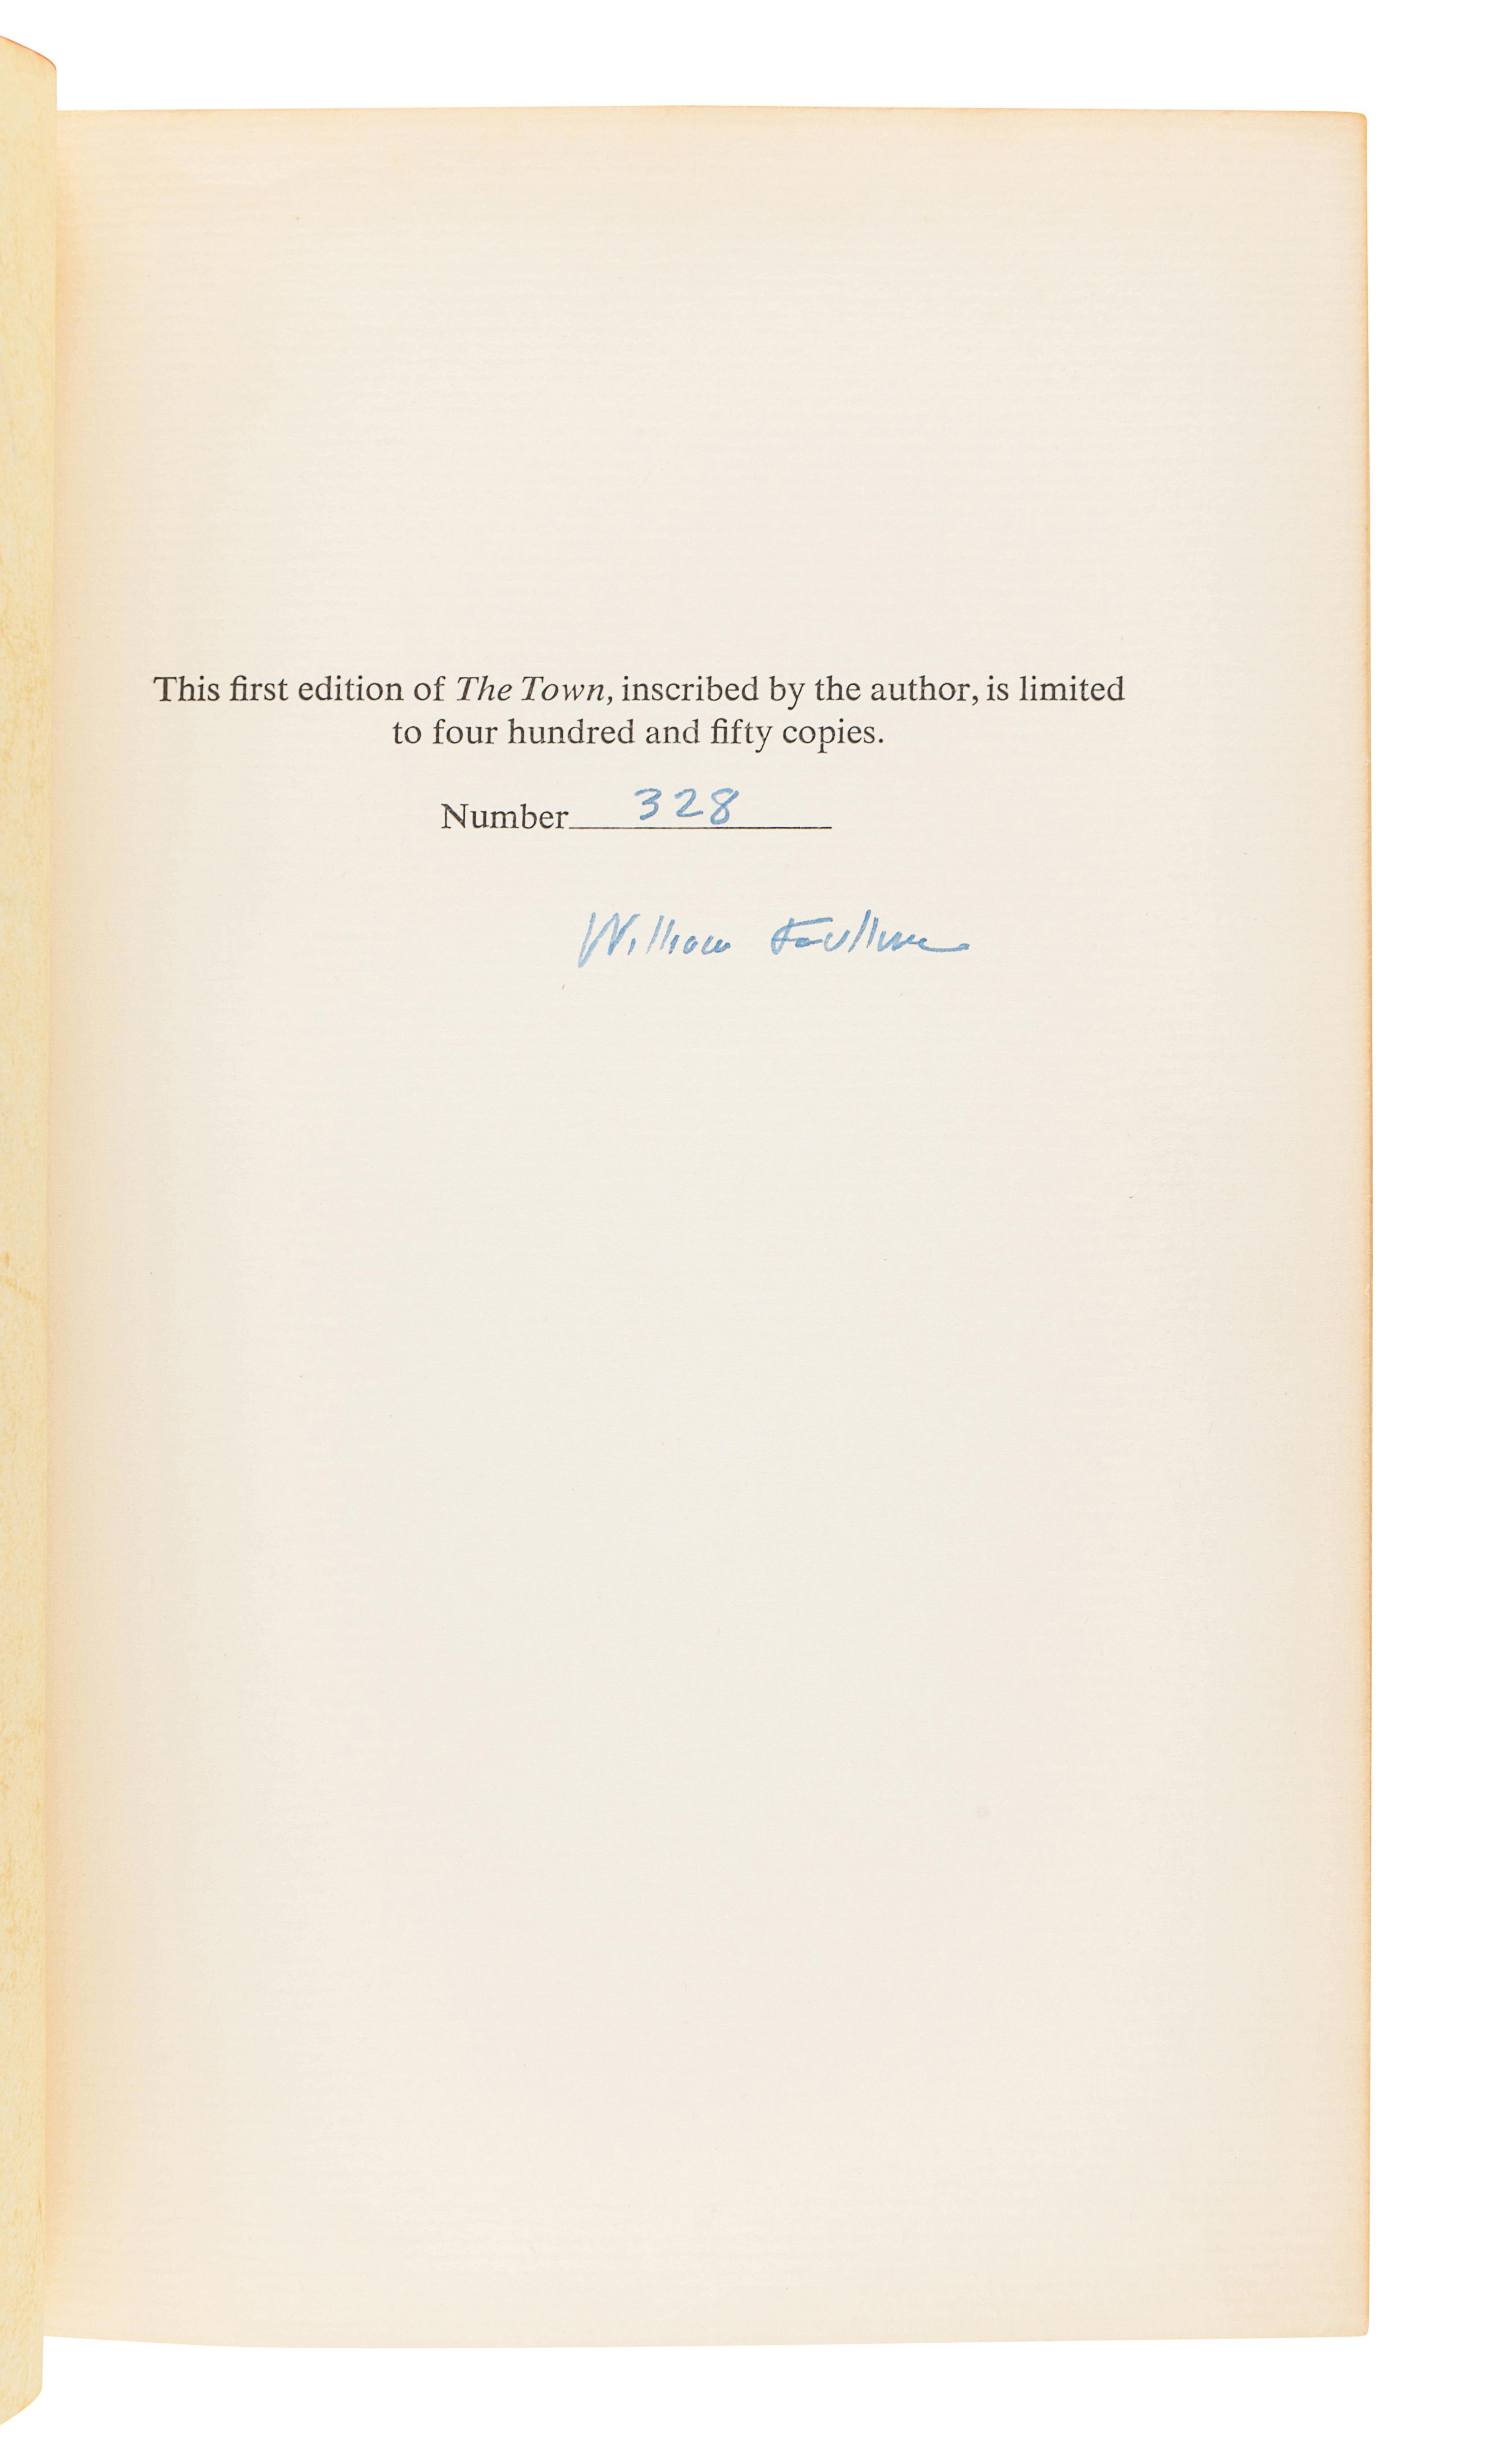 FAULKNER, William (1897-1962). The Town. New York: Random House, 1957.